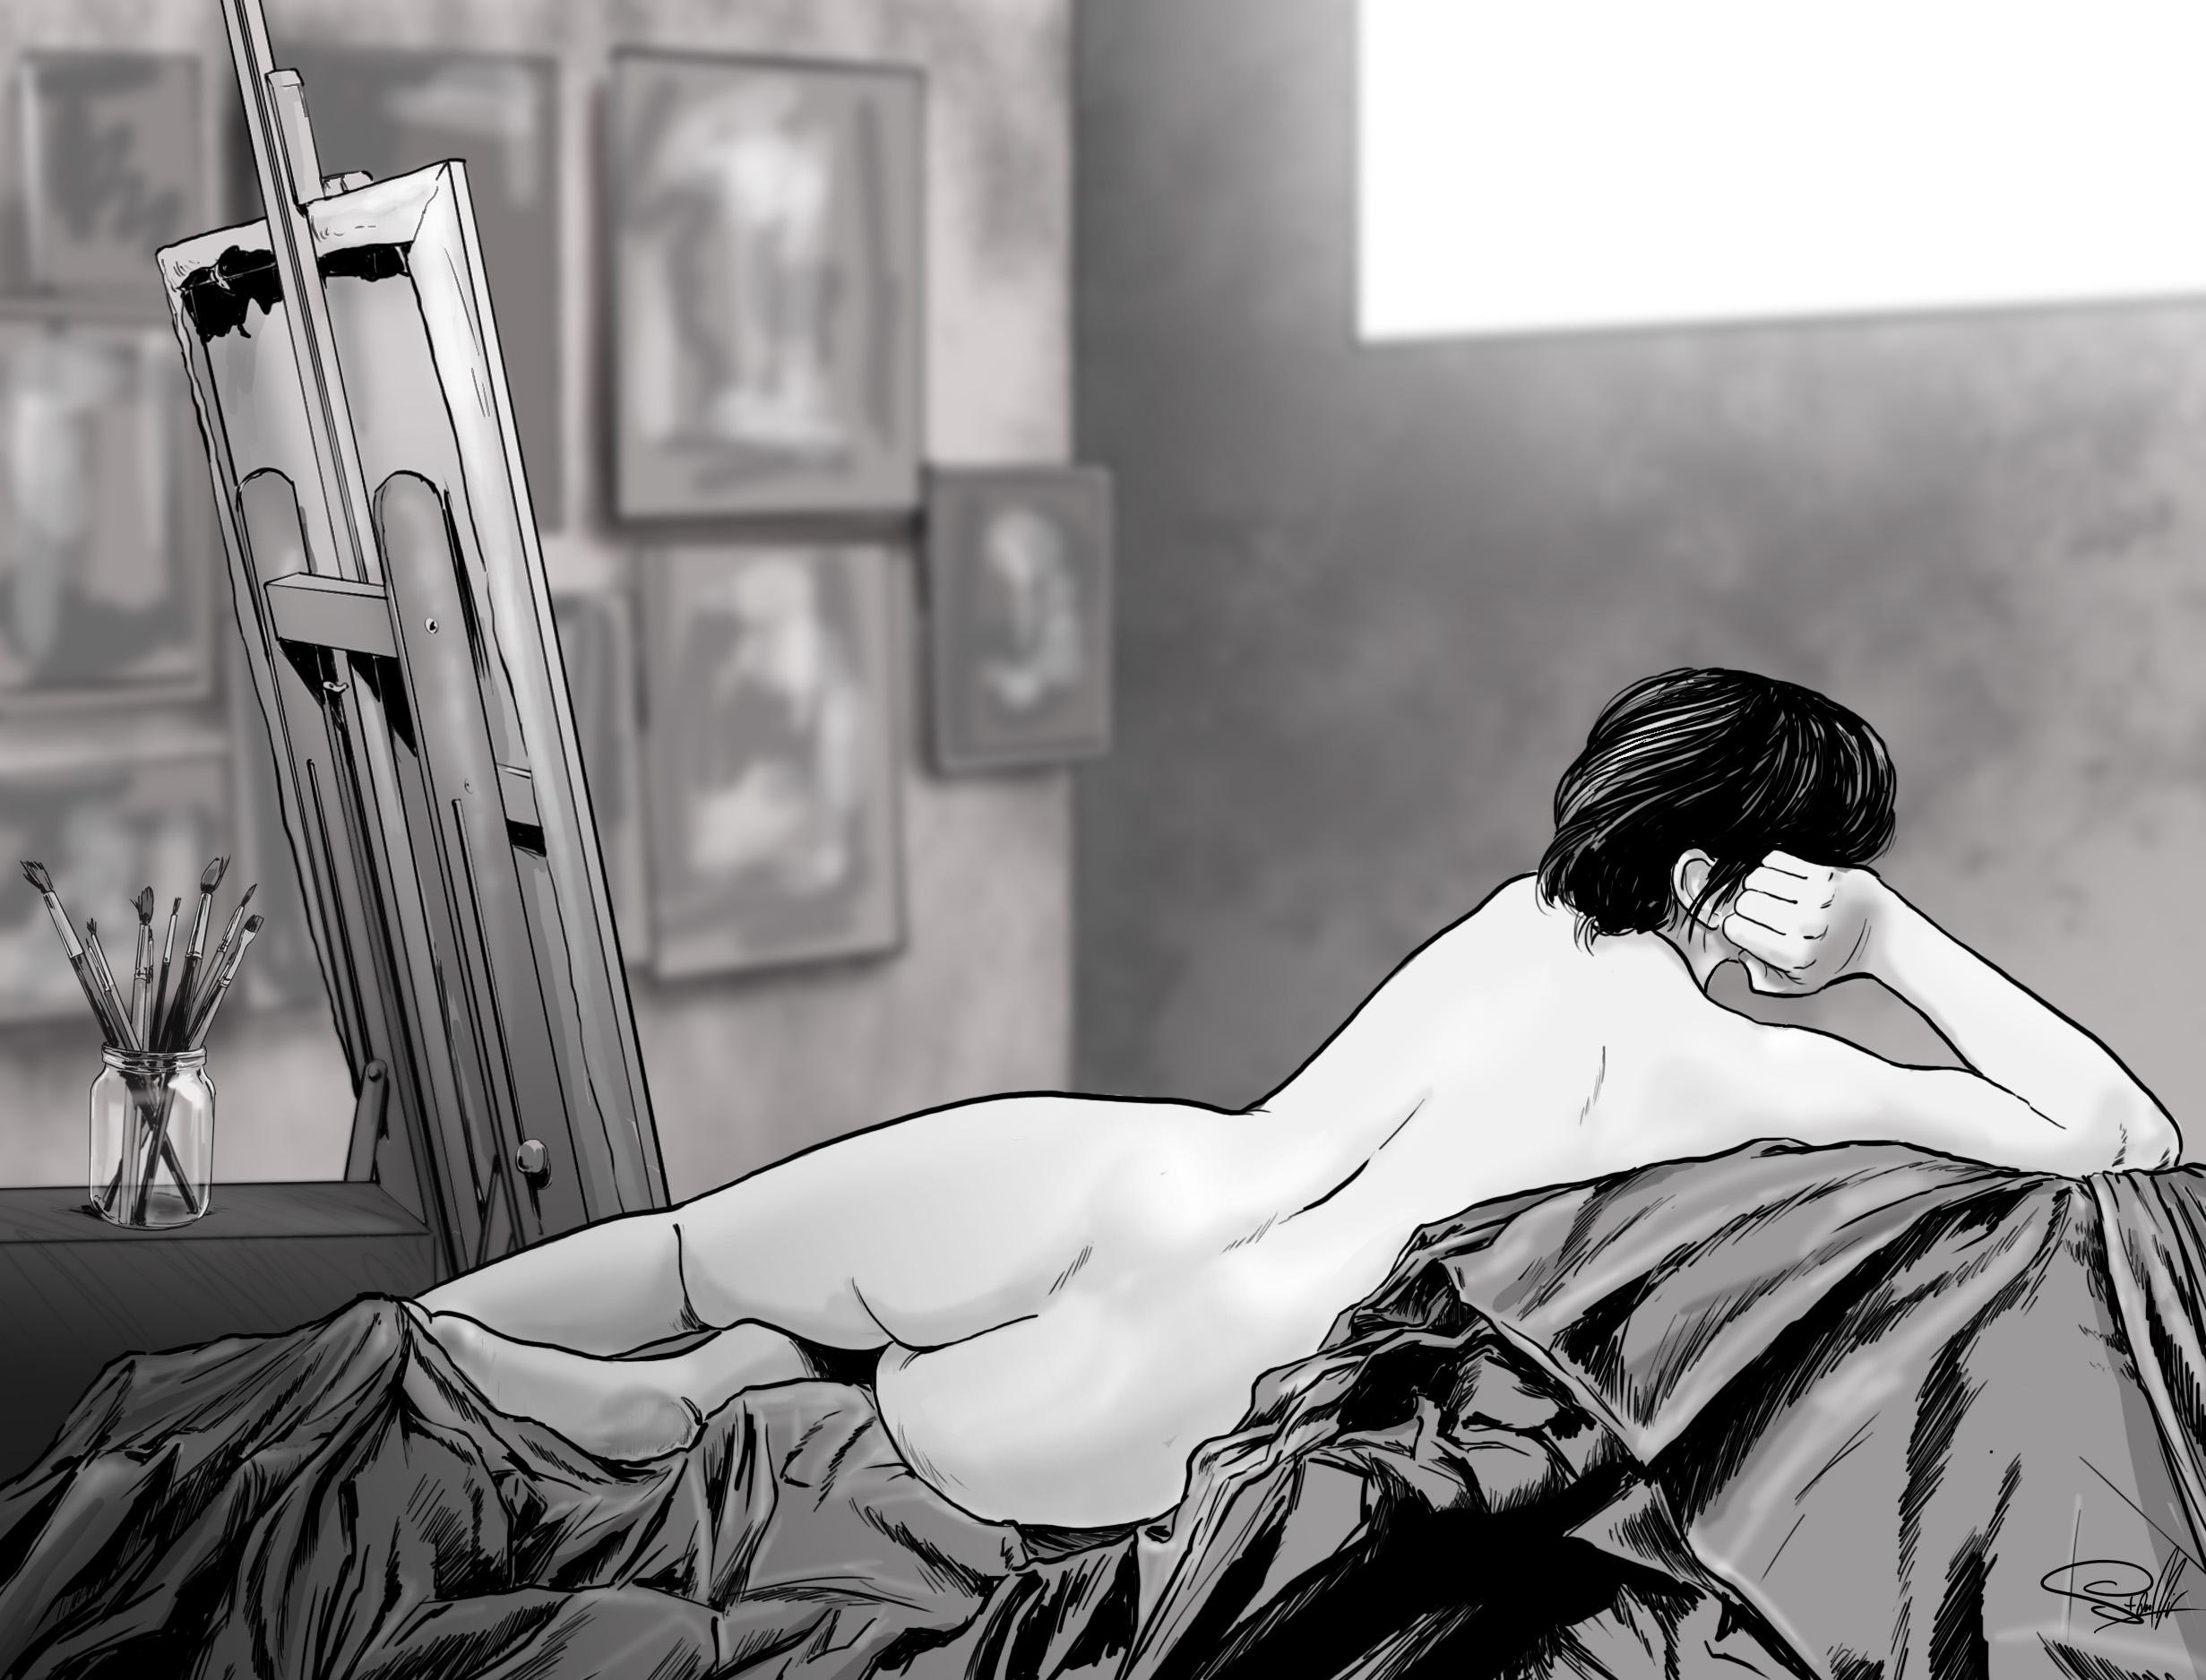 kobieta ilustracja płótno obraz pupa